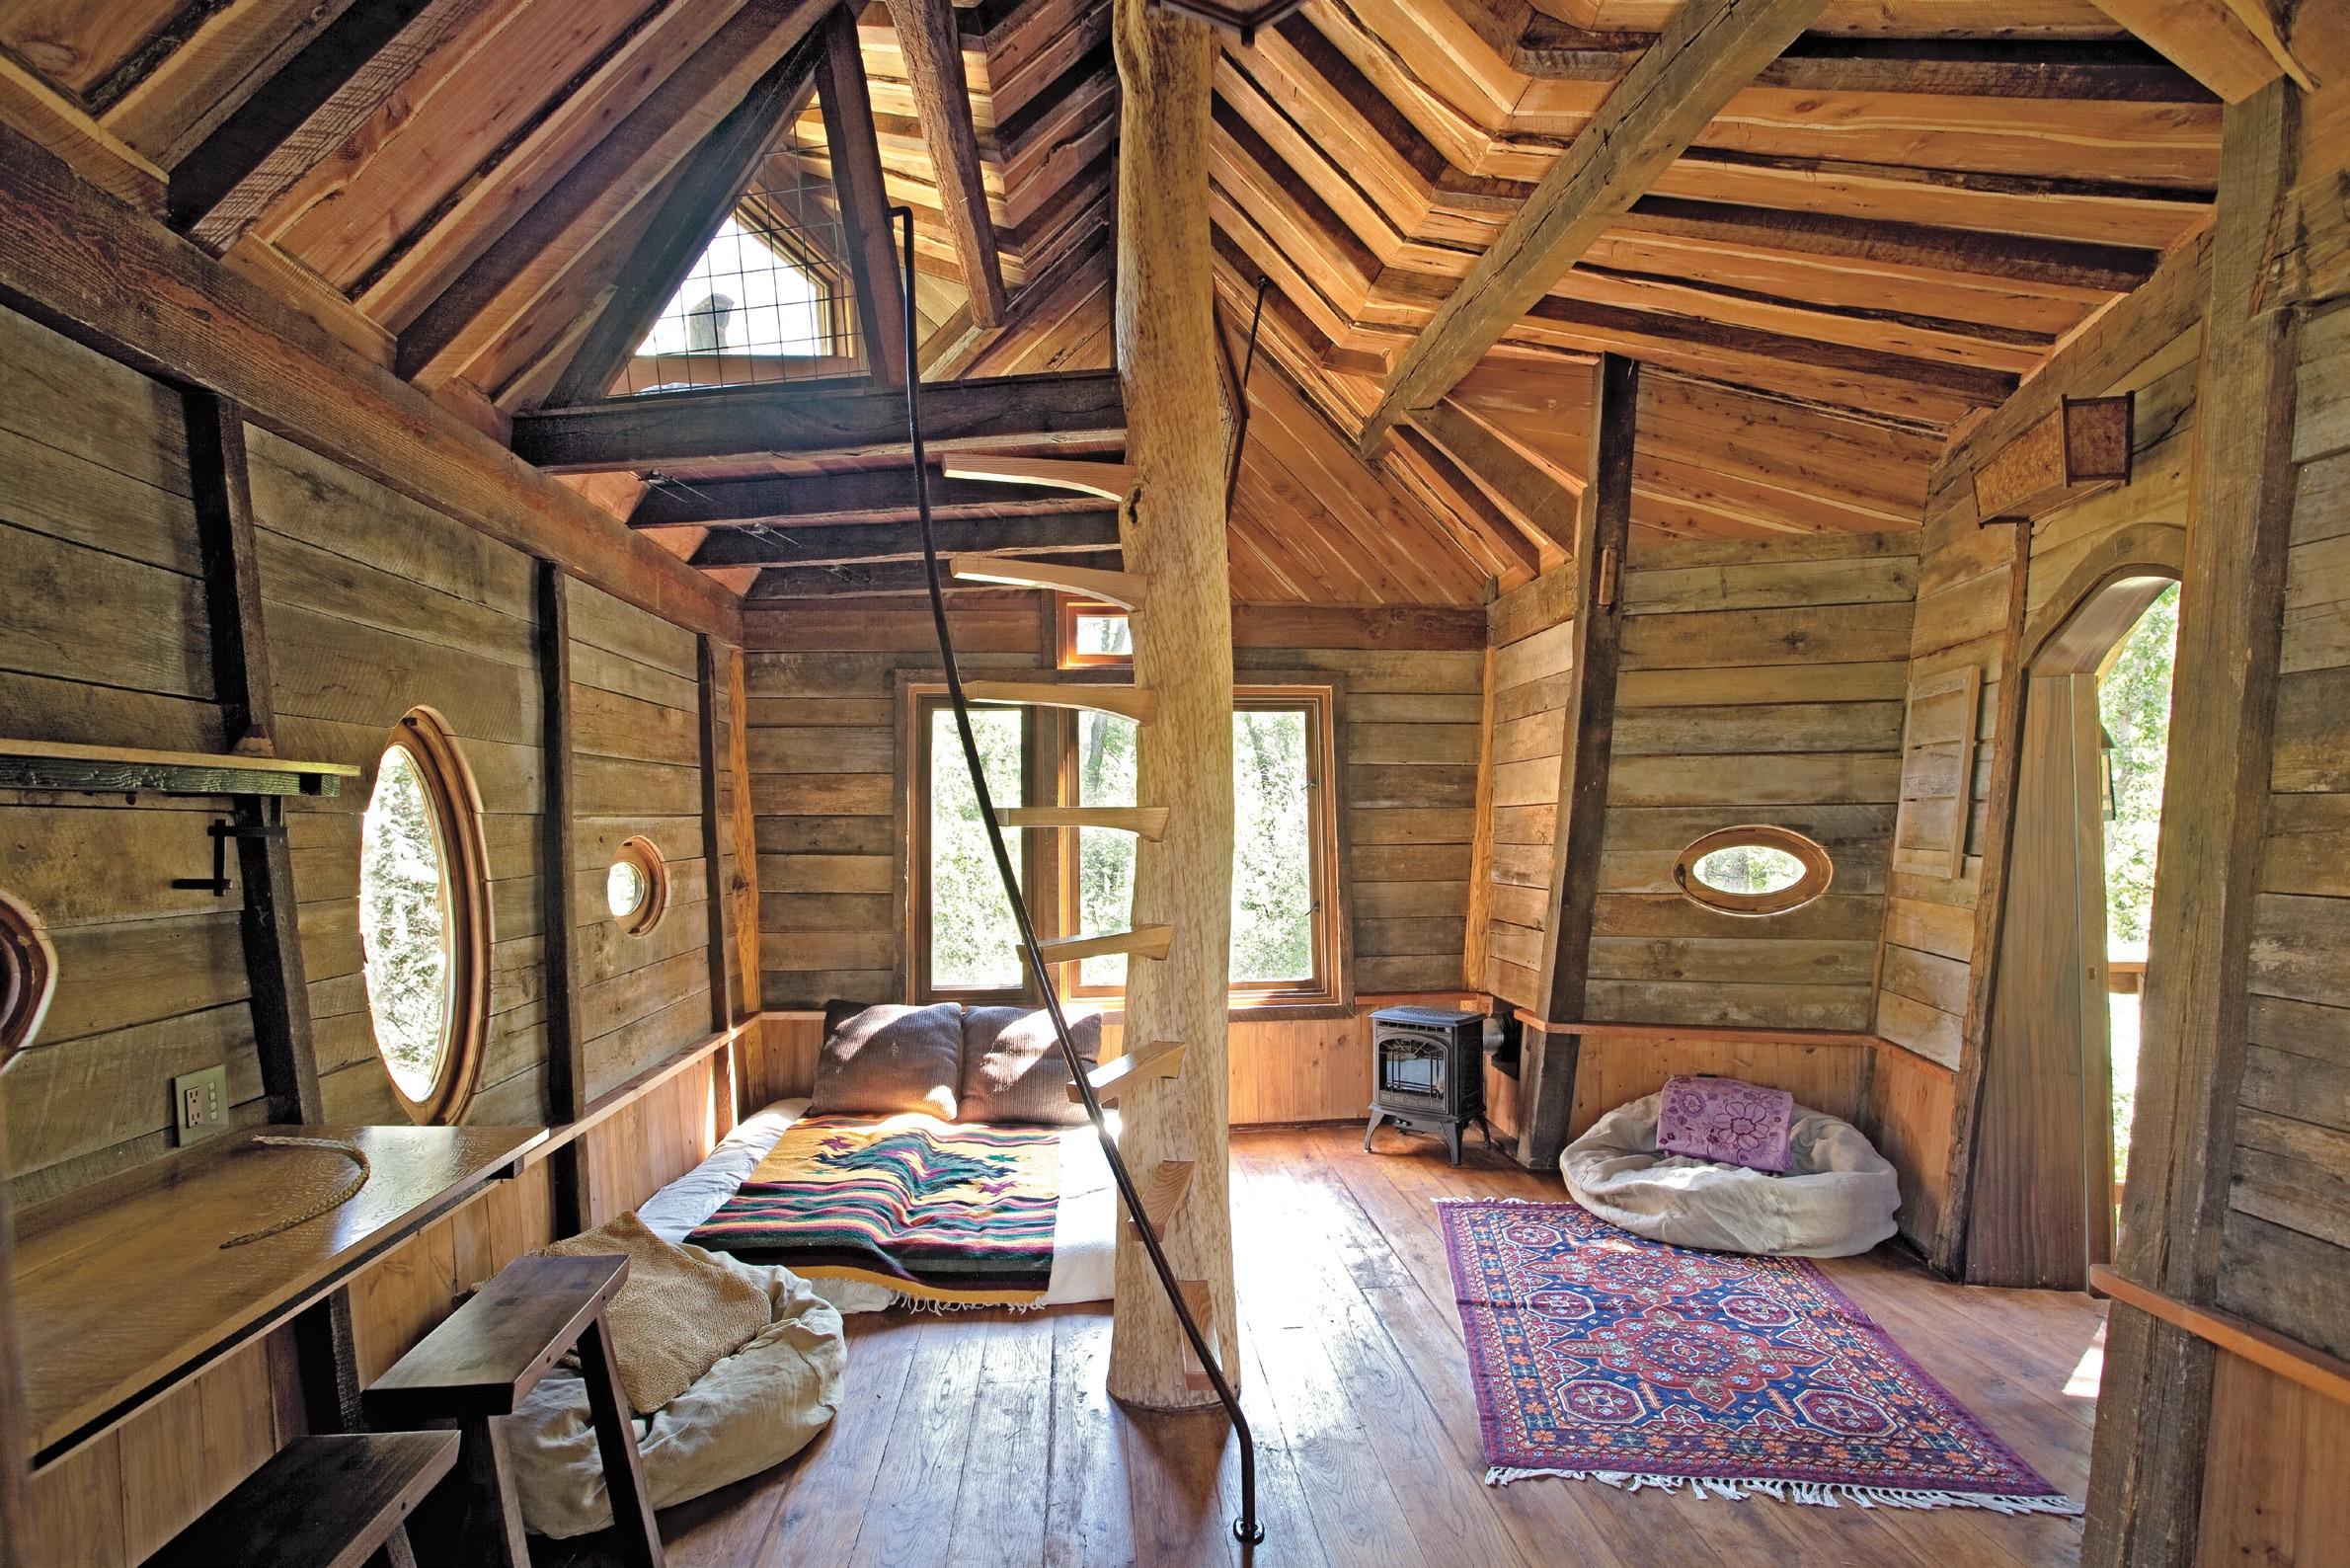 Tiny House Interior: Th 152-153 Image